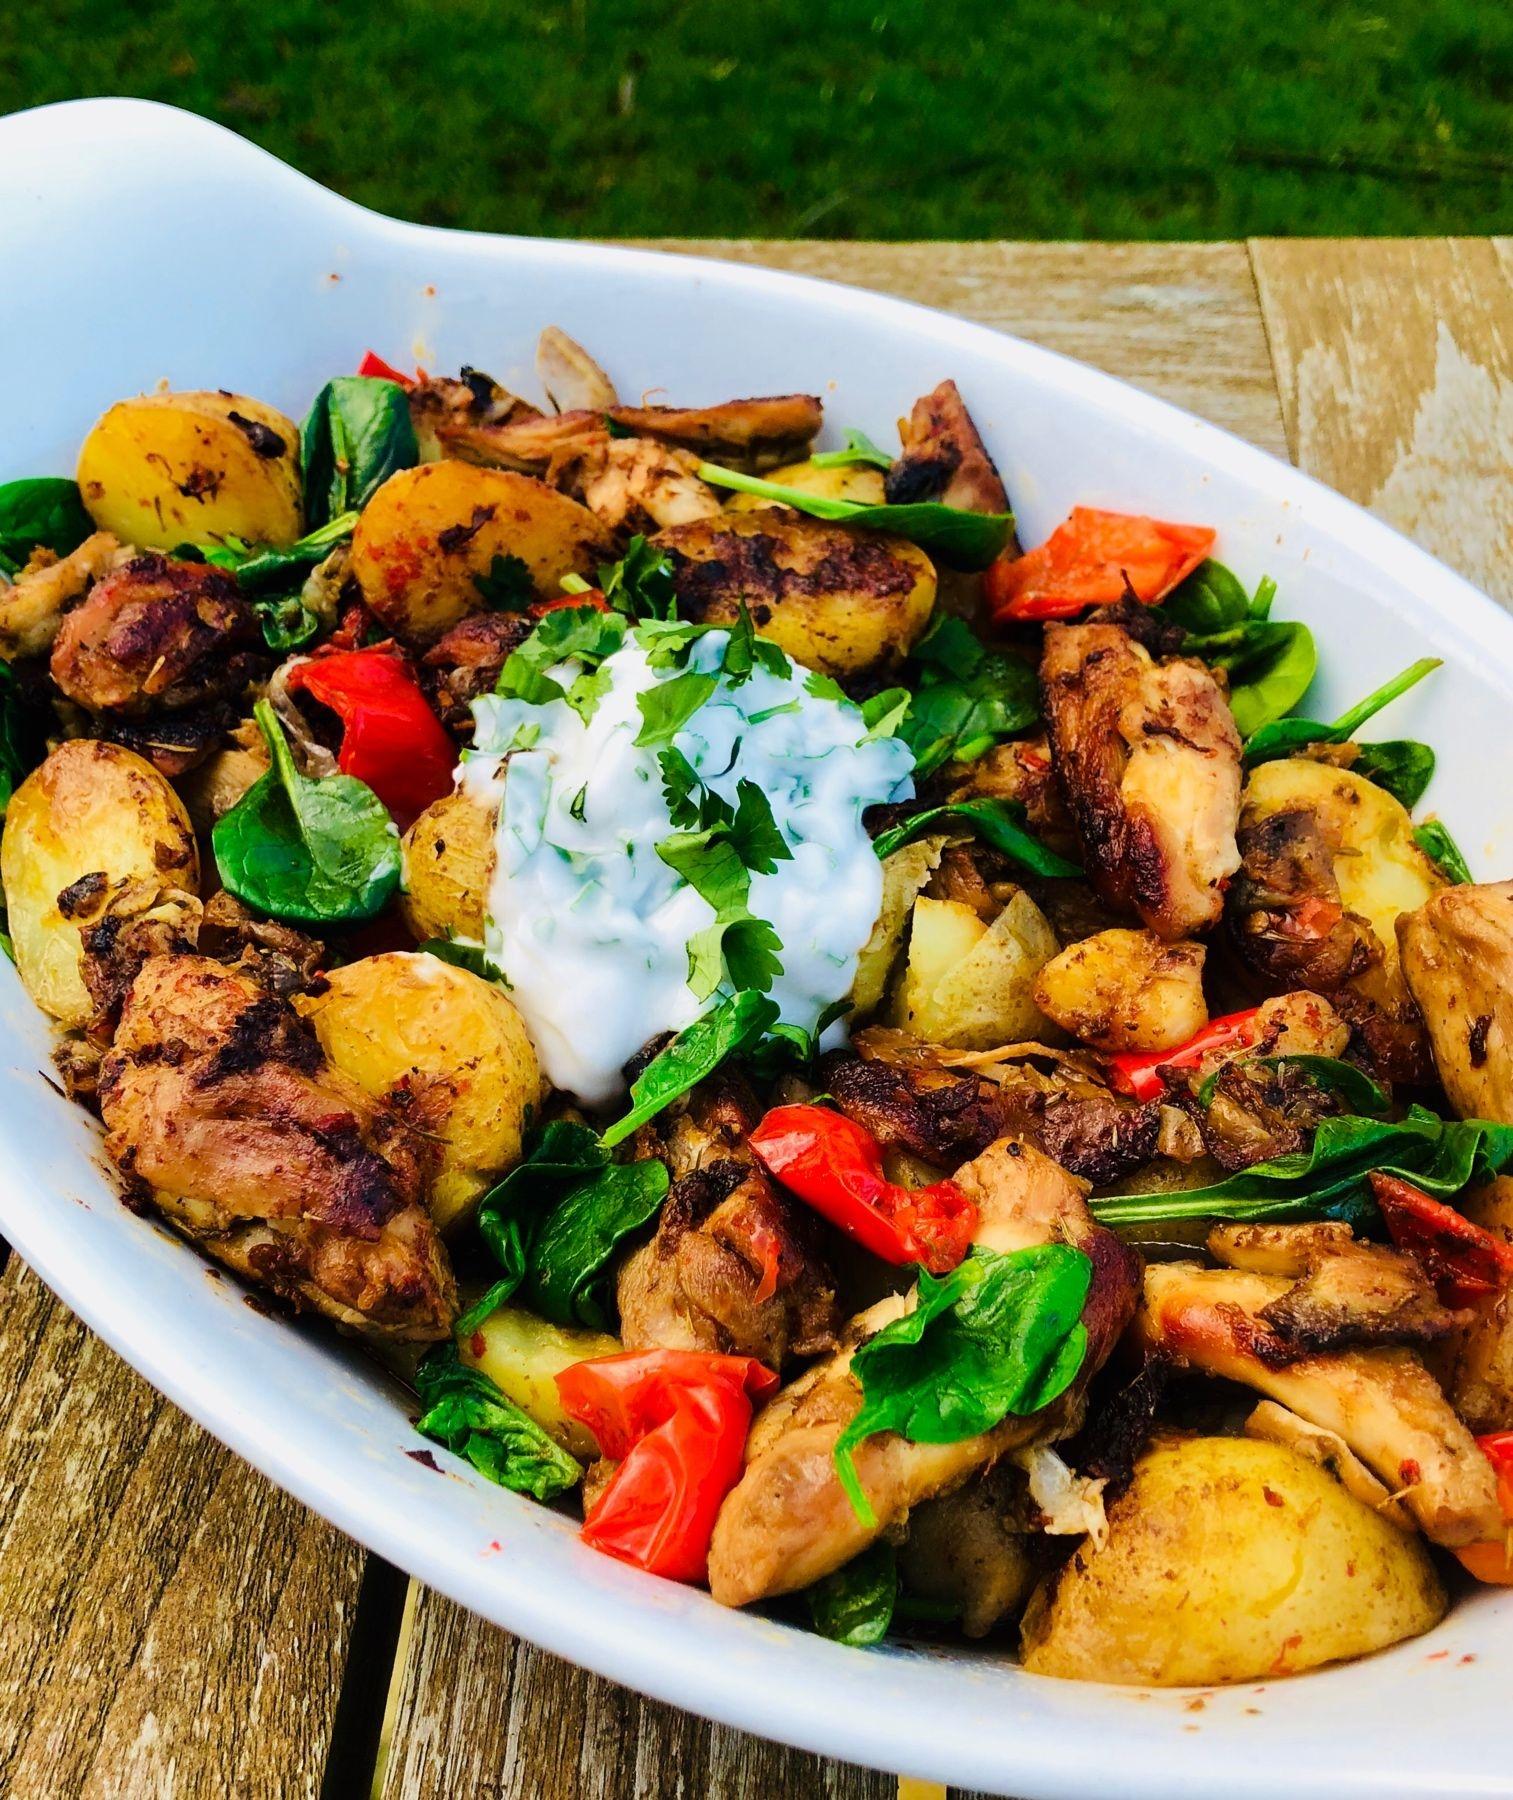 Tims Cajun Kitchen: Cajun Chicken Onepot